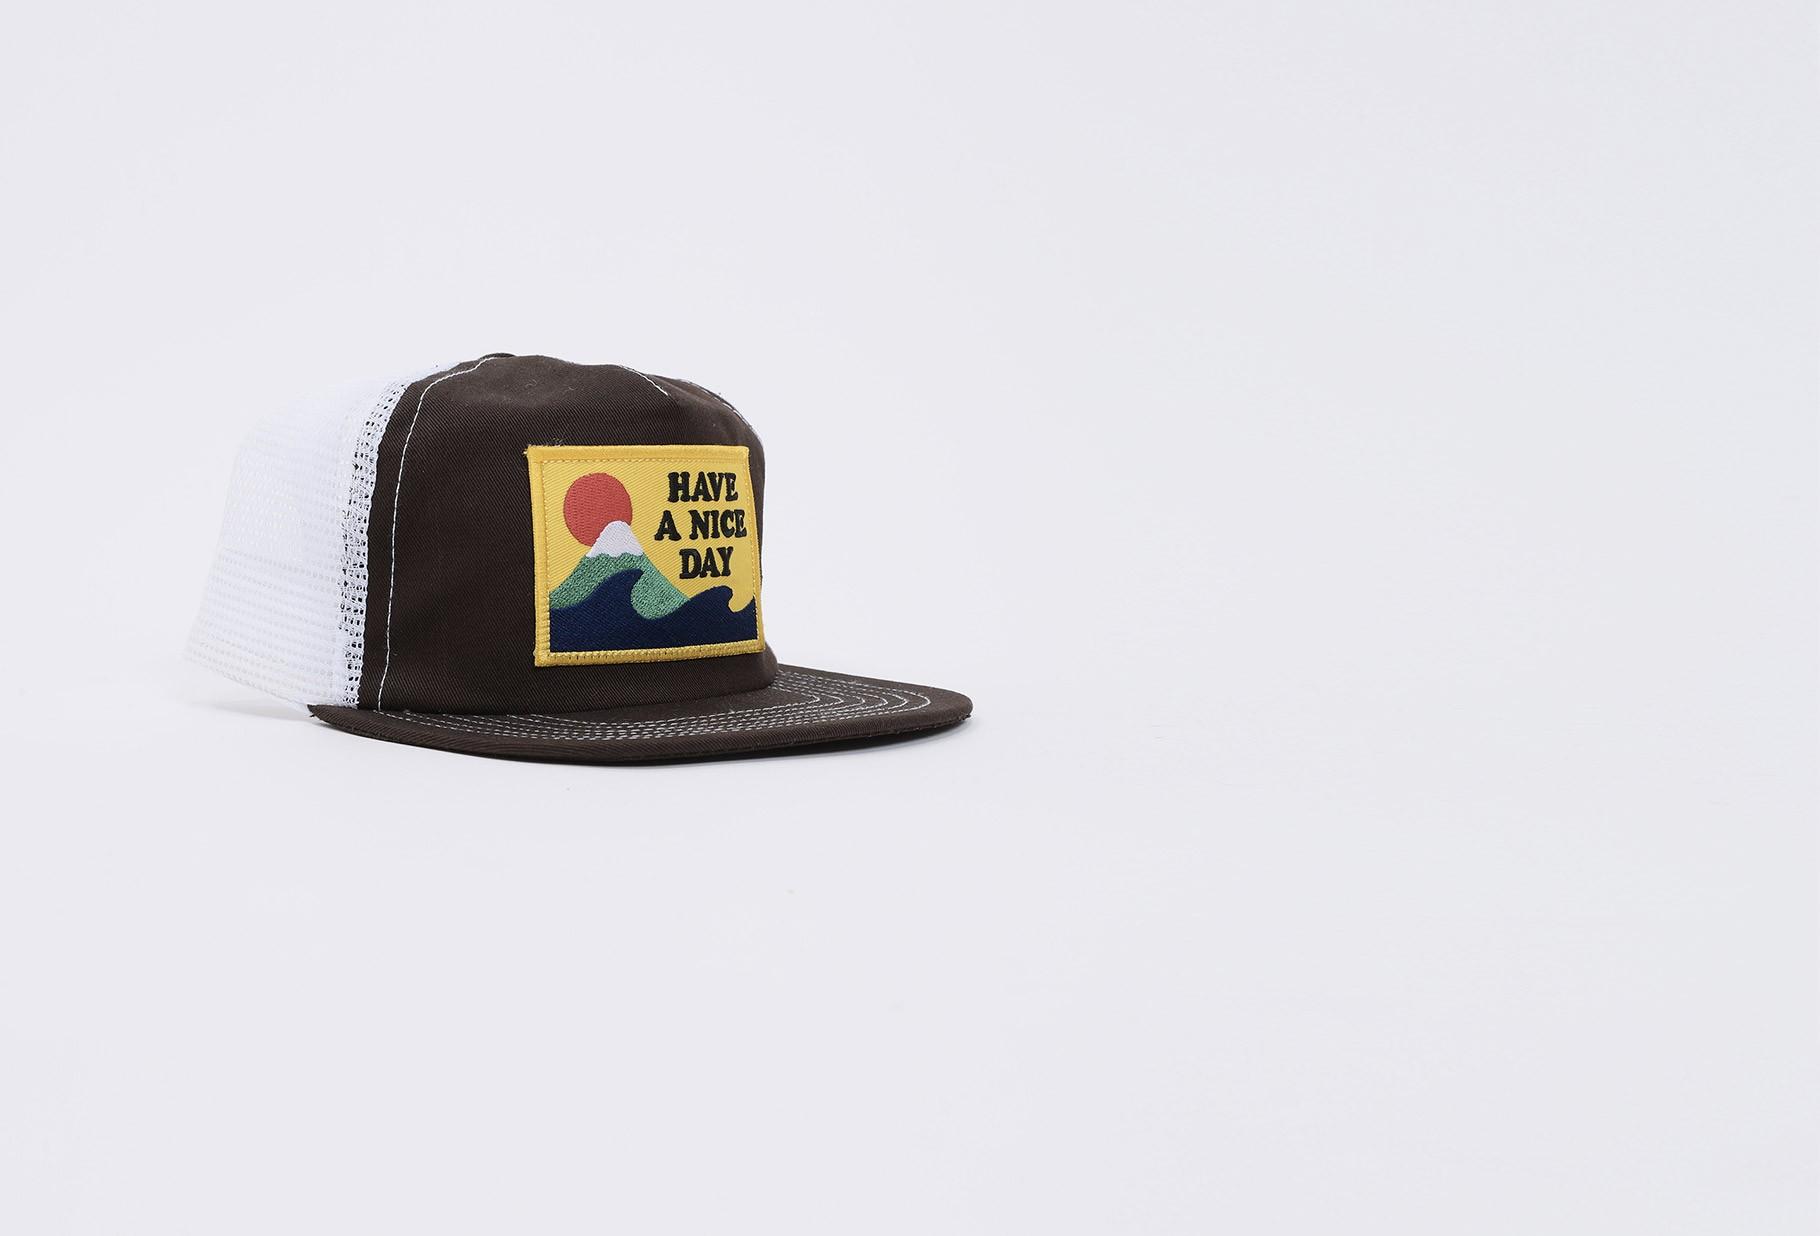 BATTENWEAR / Club cap Brown x tan